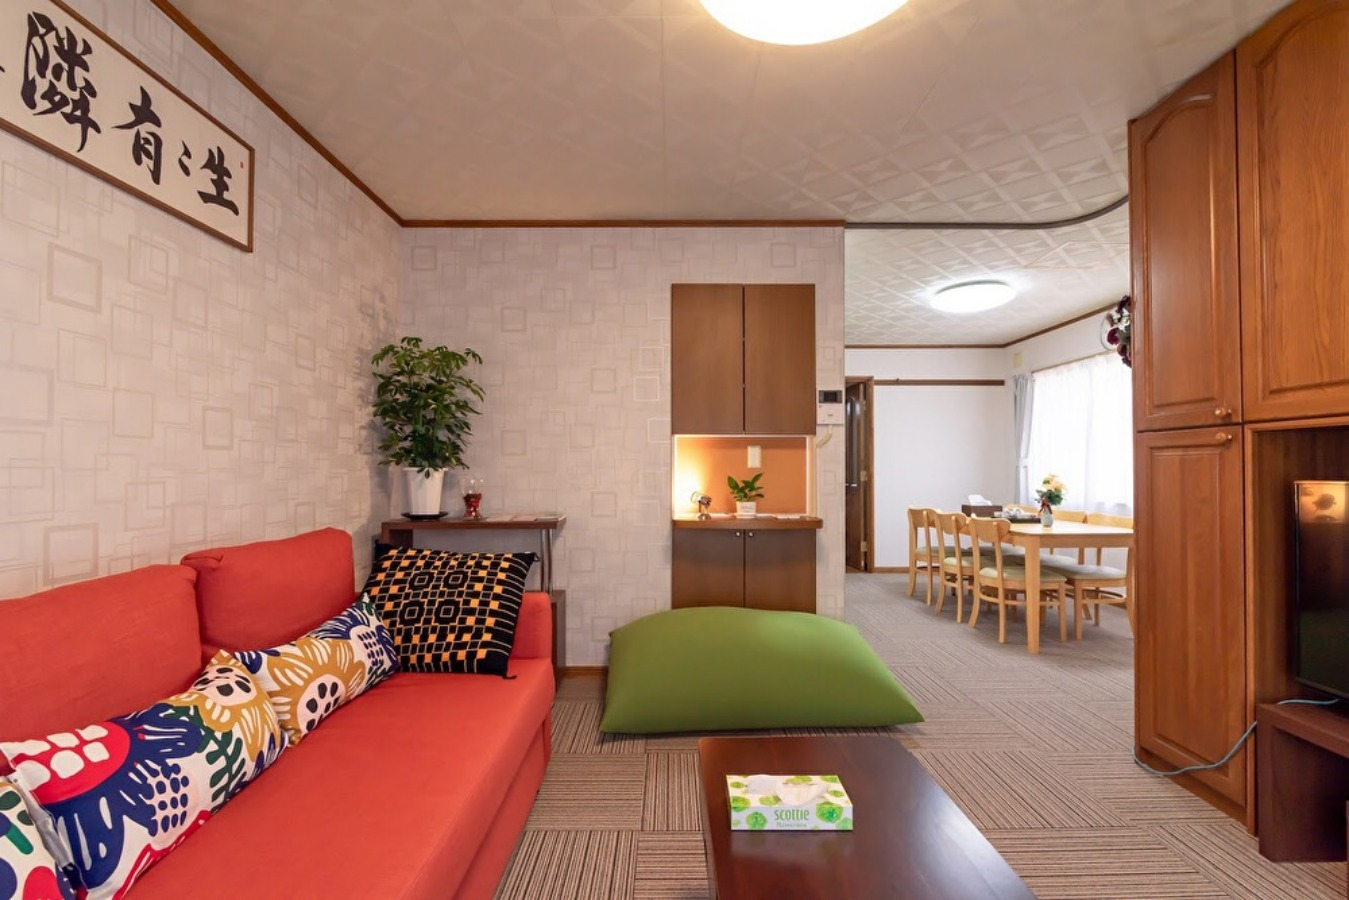 新宿駅8分。5LDKの151m2高級バスルーム付き一軒家。最寄駅から5分、高台に位置する静かな高級住